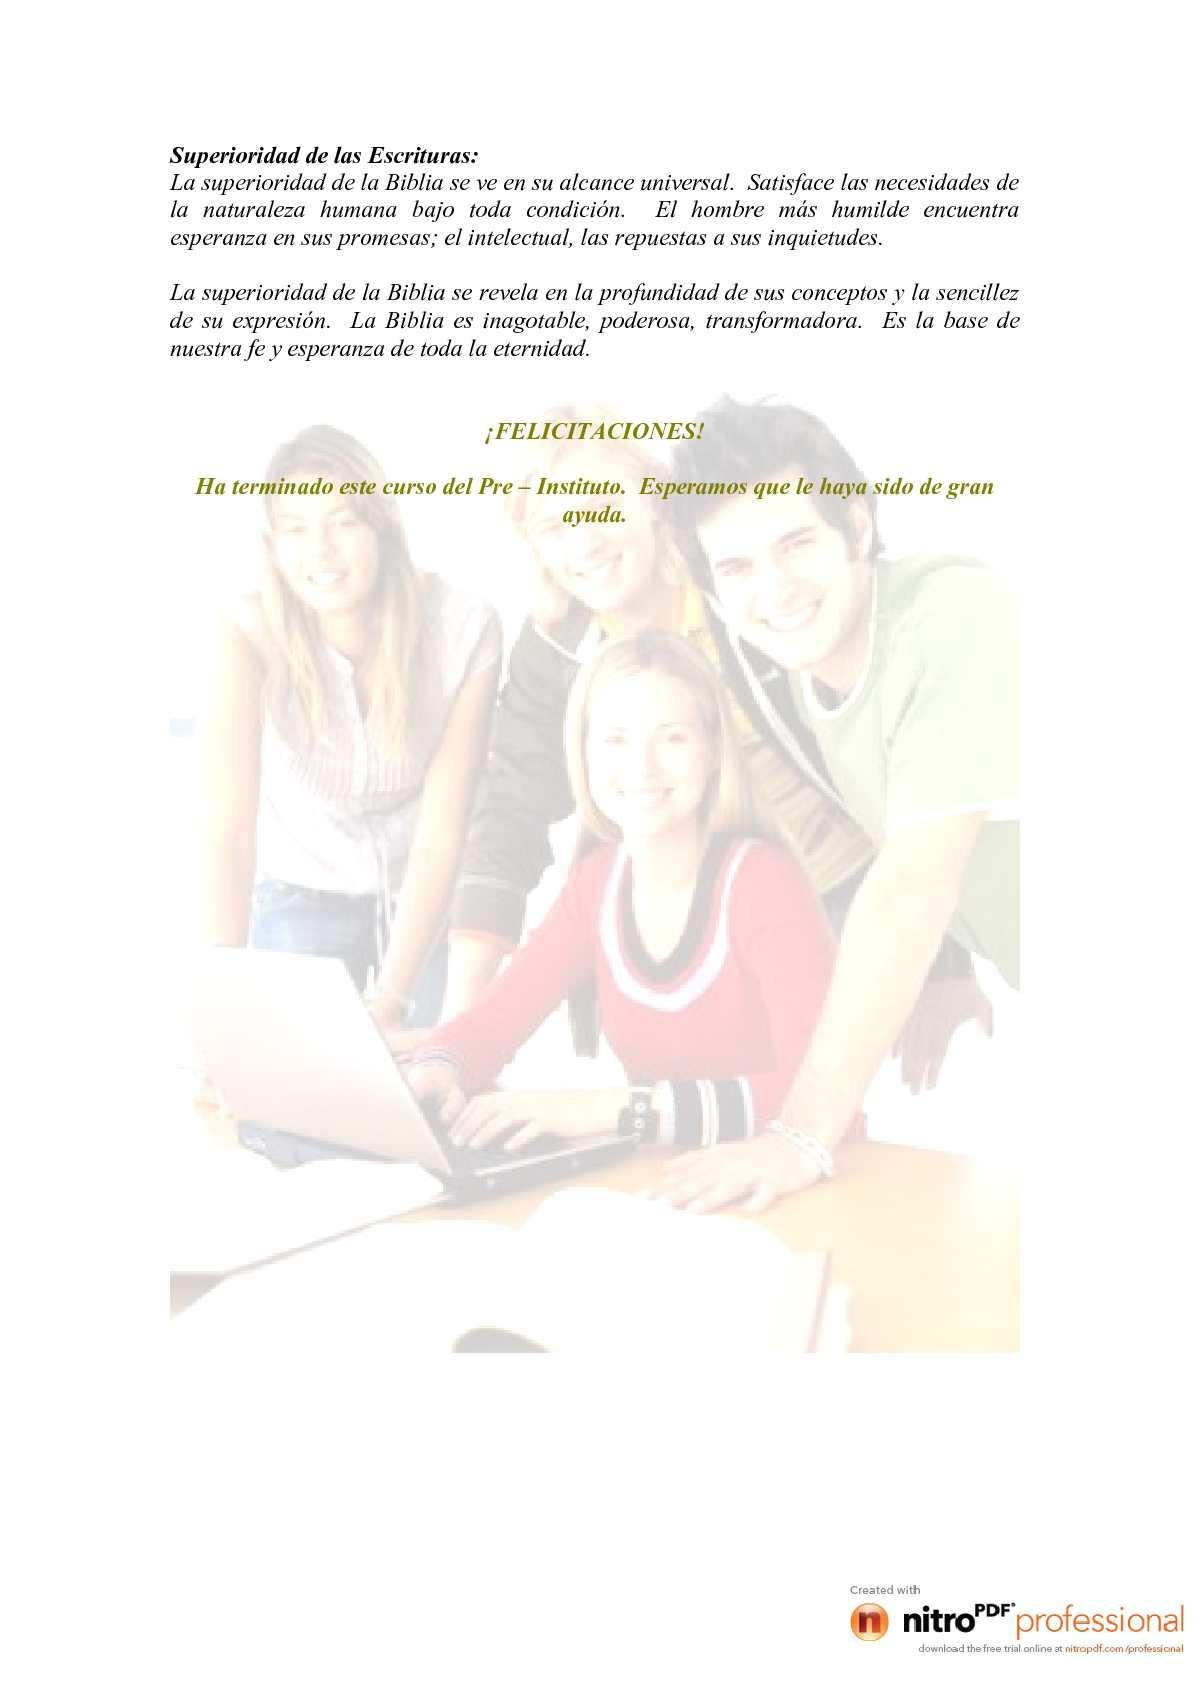 Material para Pre-instituto biblico - CALAMEO Downloader